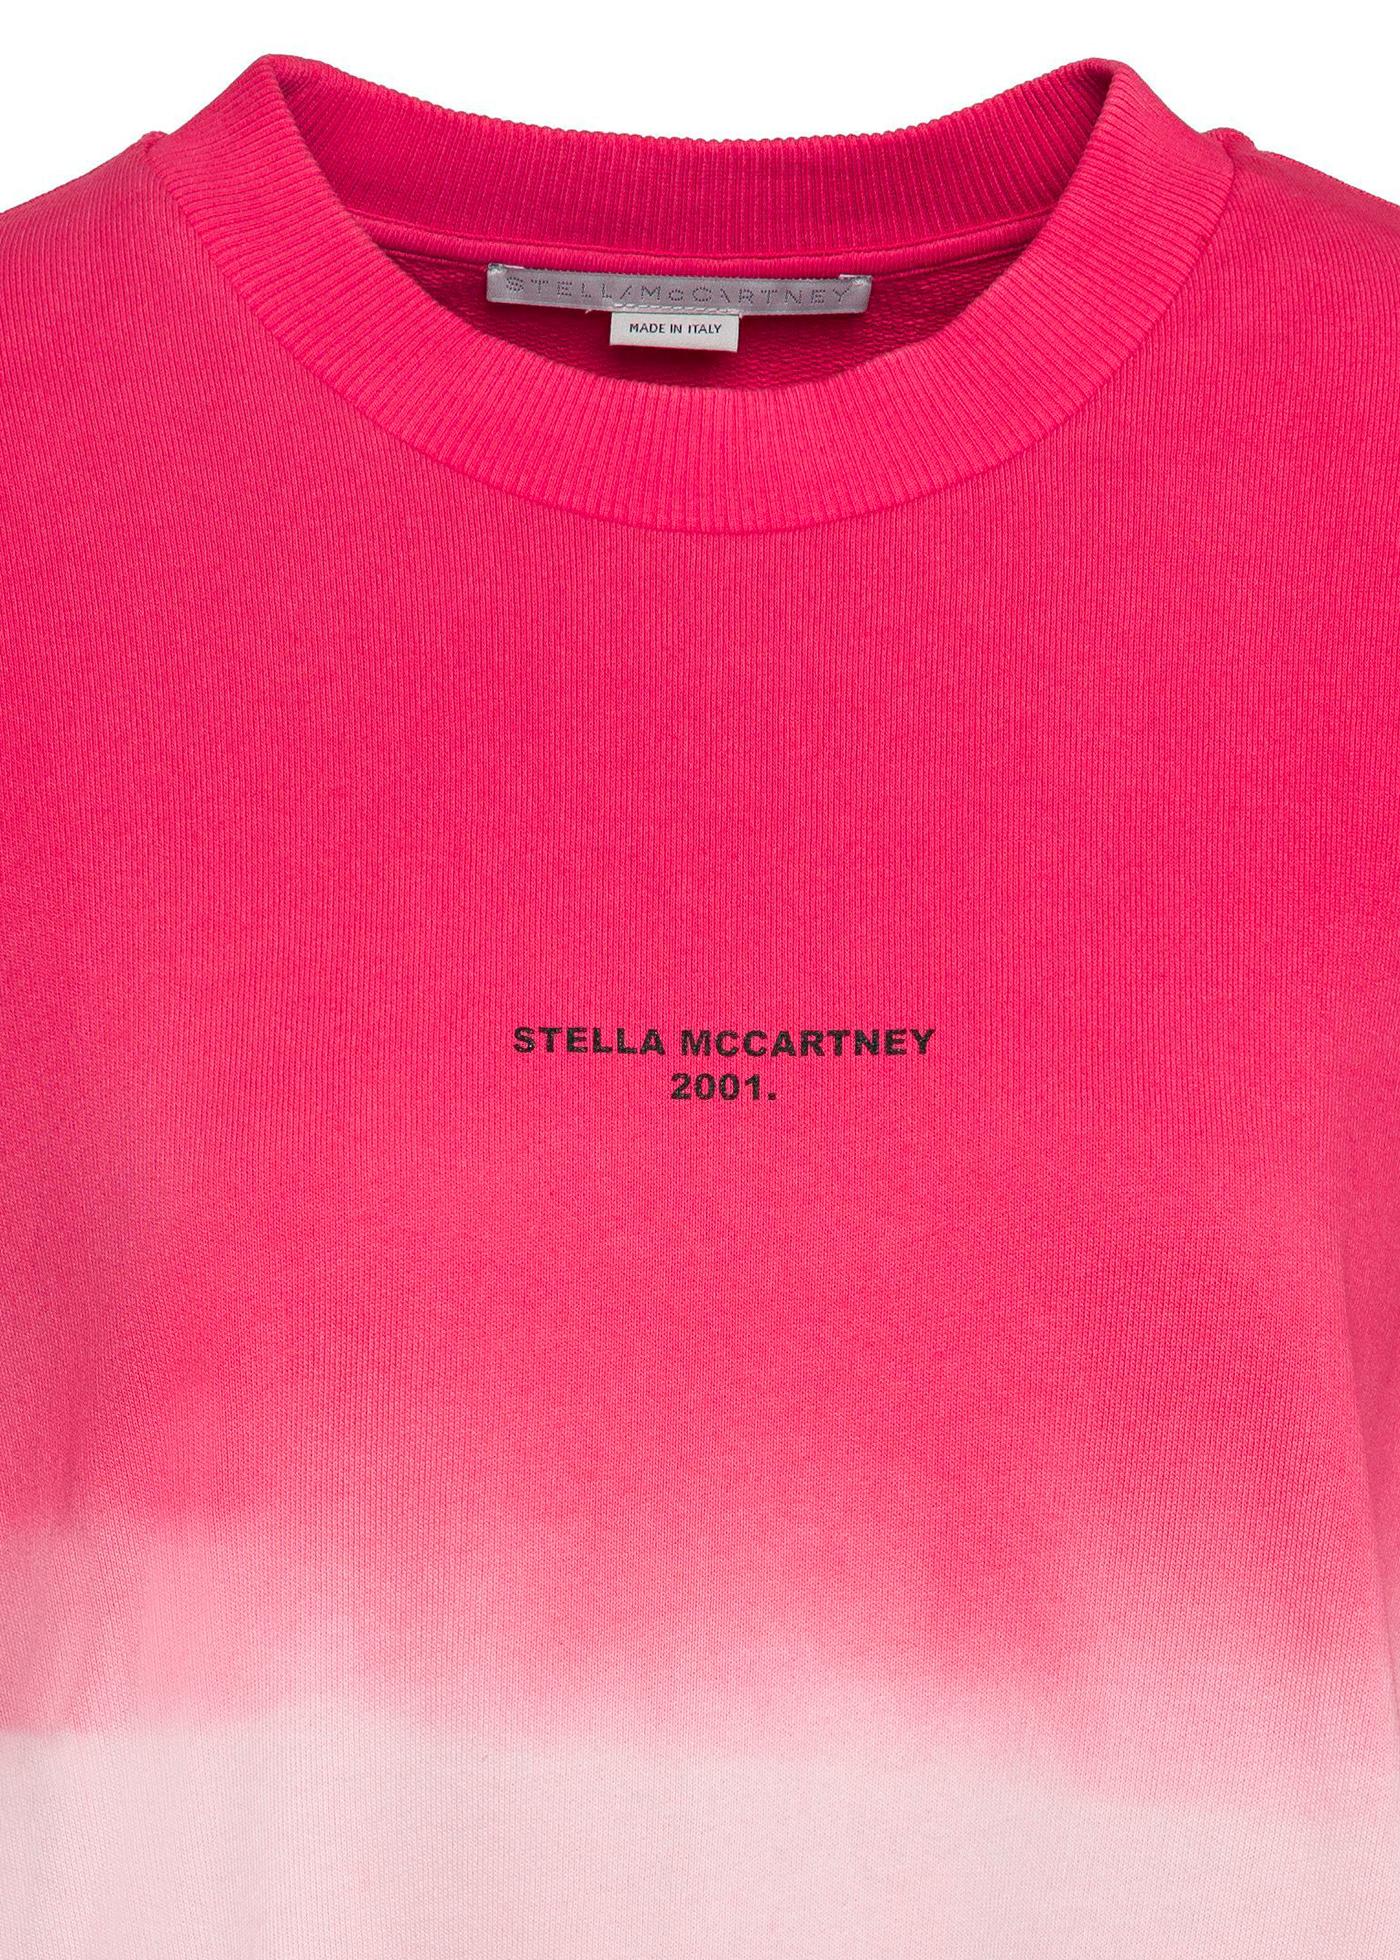 Shiboti Tie Dye Sweatshirt image number 2